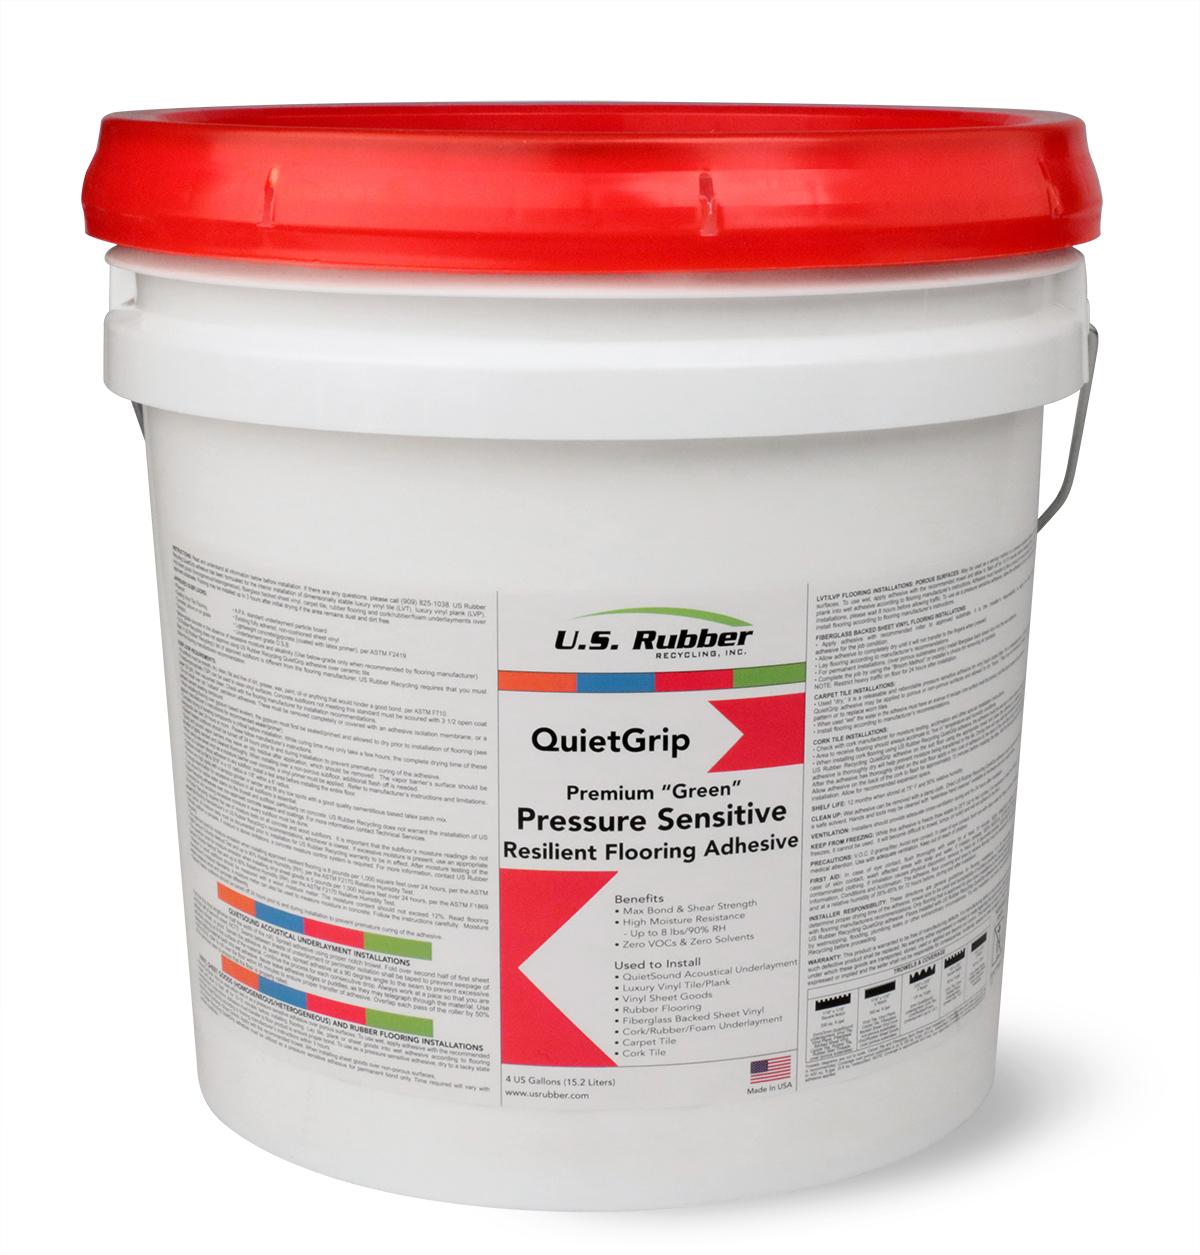 quietgrip rubber flooring adhesives